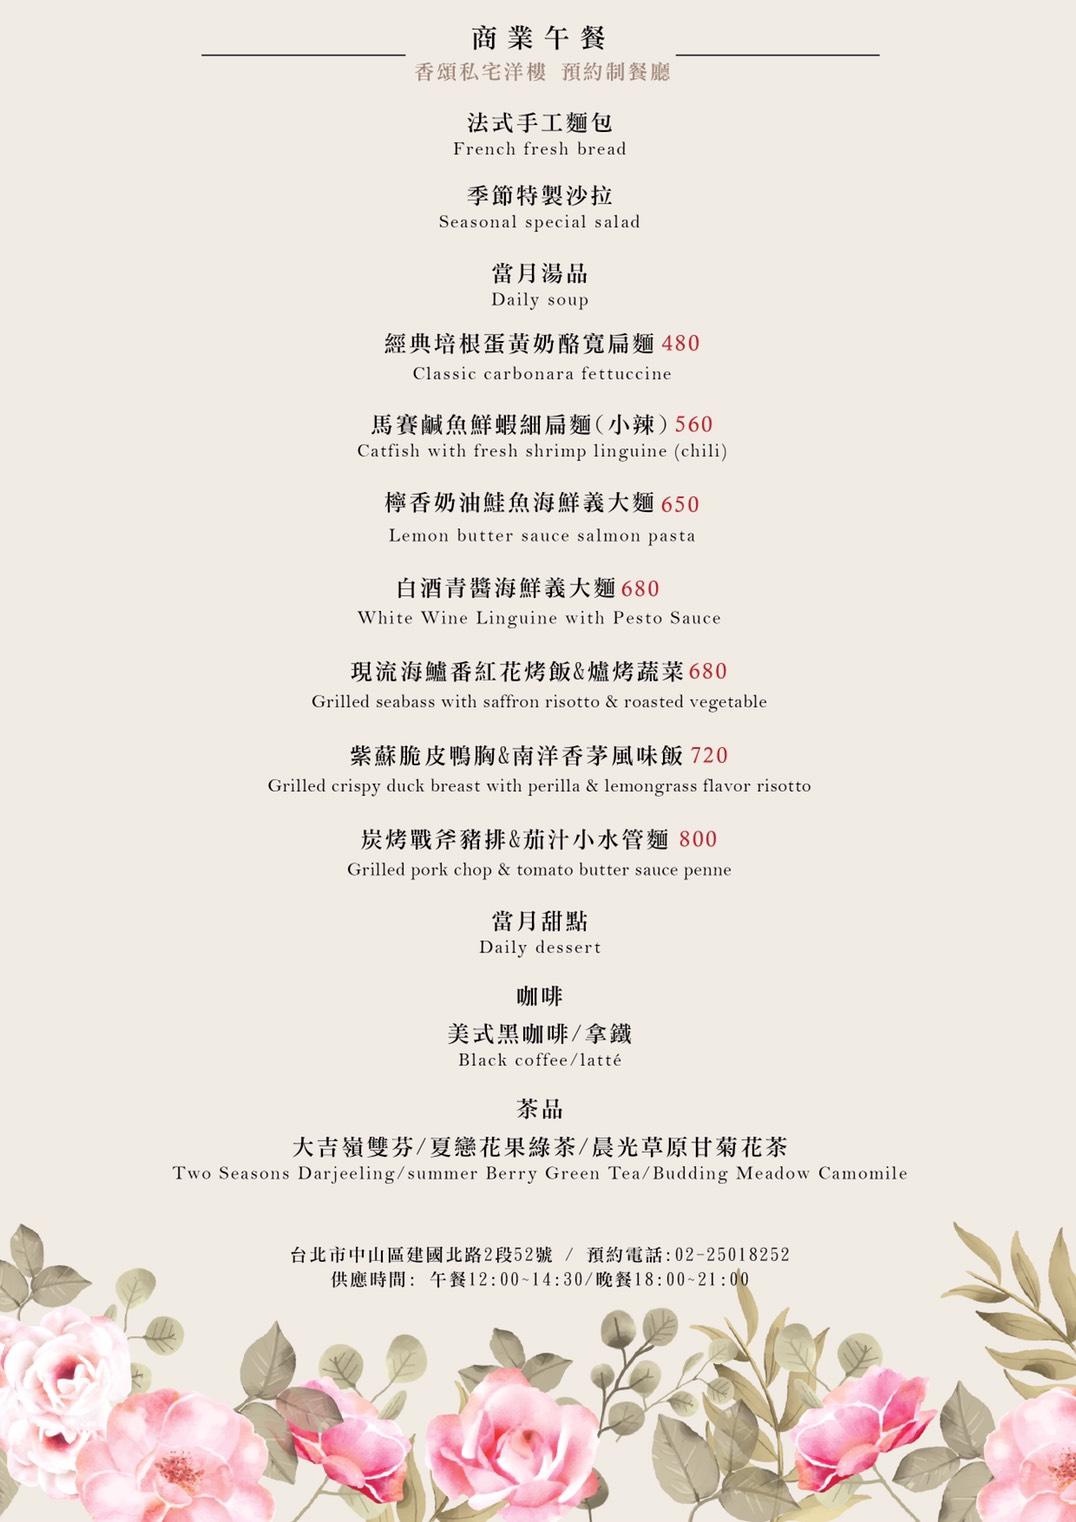 台北私廚推薦|香頌私宅洋樓|午間享用浪漫歐風無菜單料理  香頌私宅洋樓2020商業午餐菜單